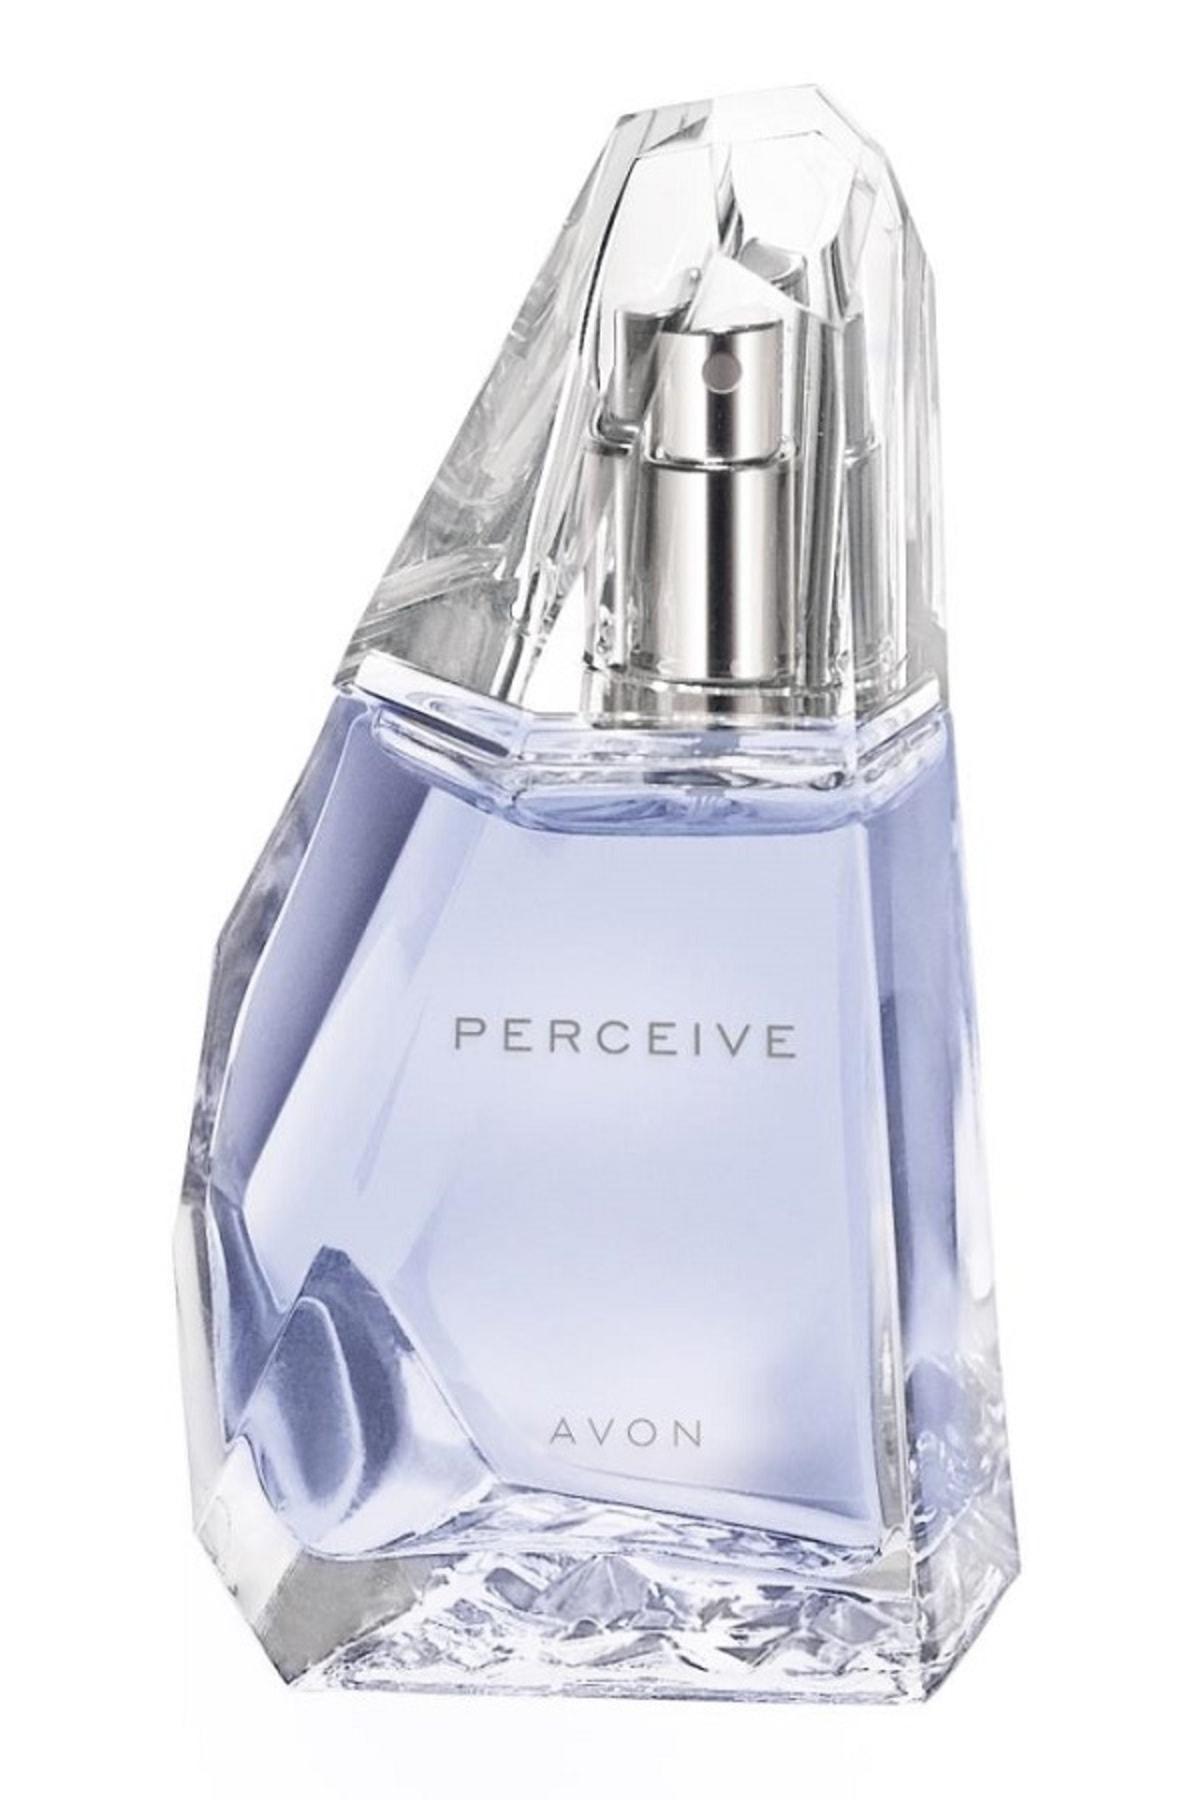 AVON Perceive Kadın EDP - 50ml 1